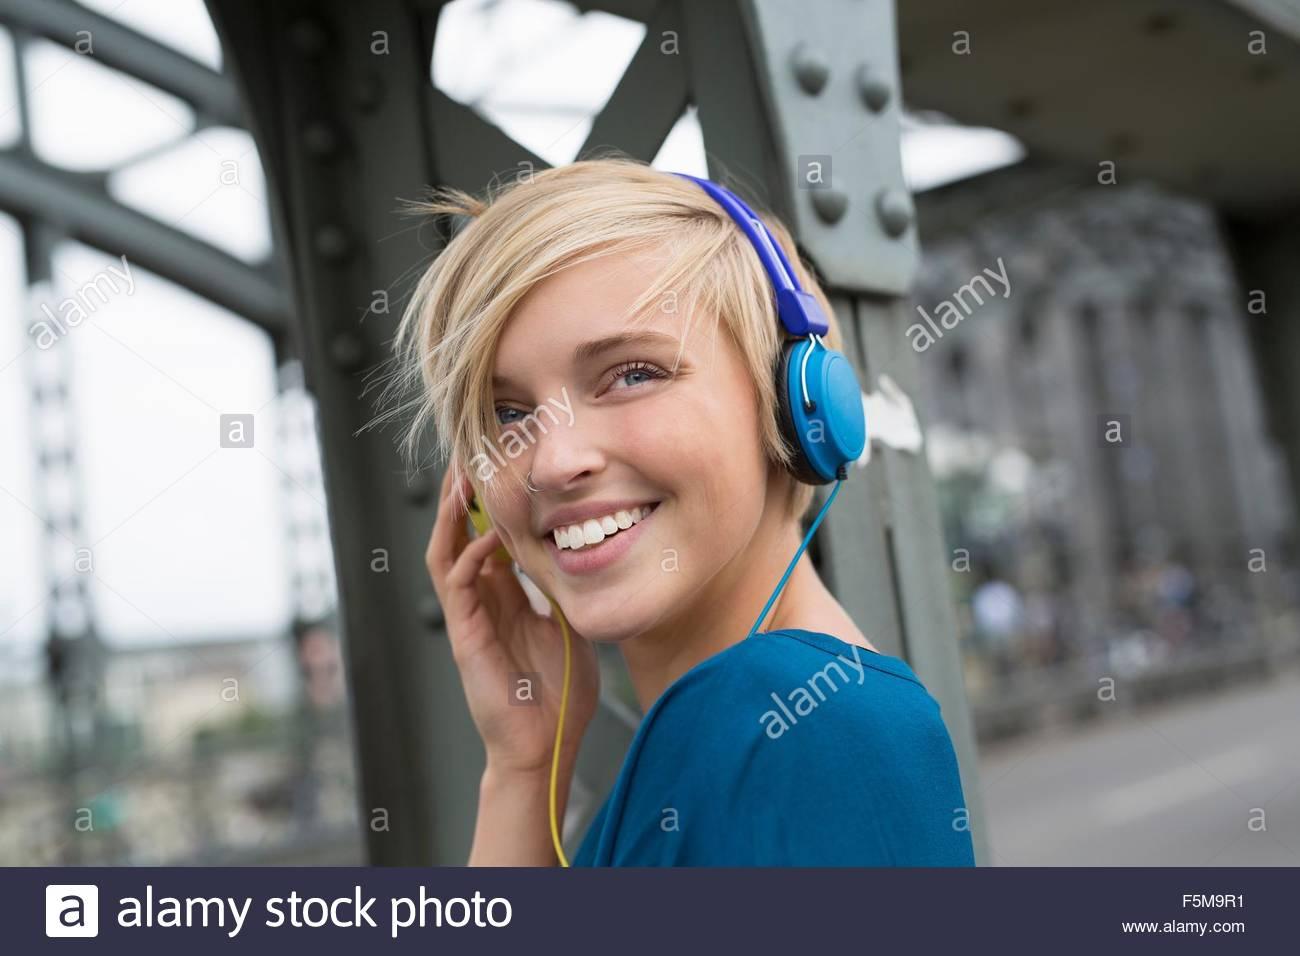 Glückliche junge Frau mit Kopfhörern auf Brücke über die Schulter schauen Stockbild